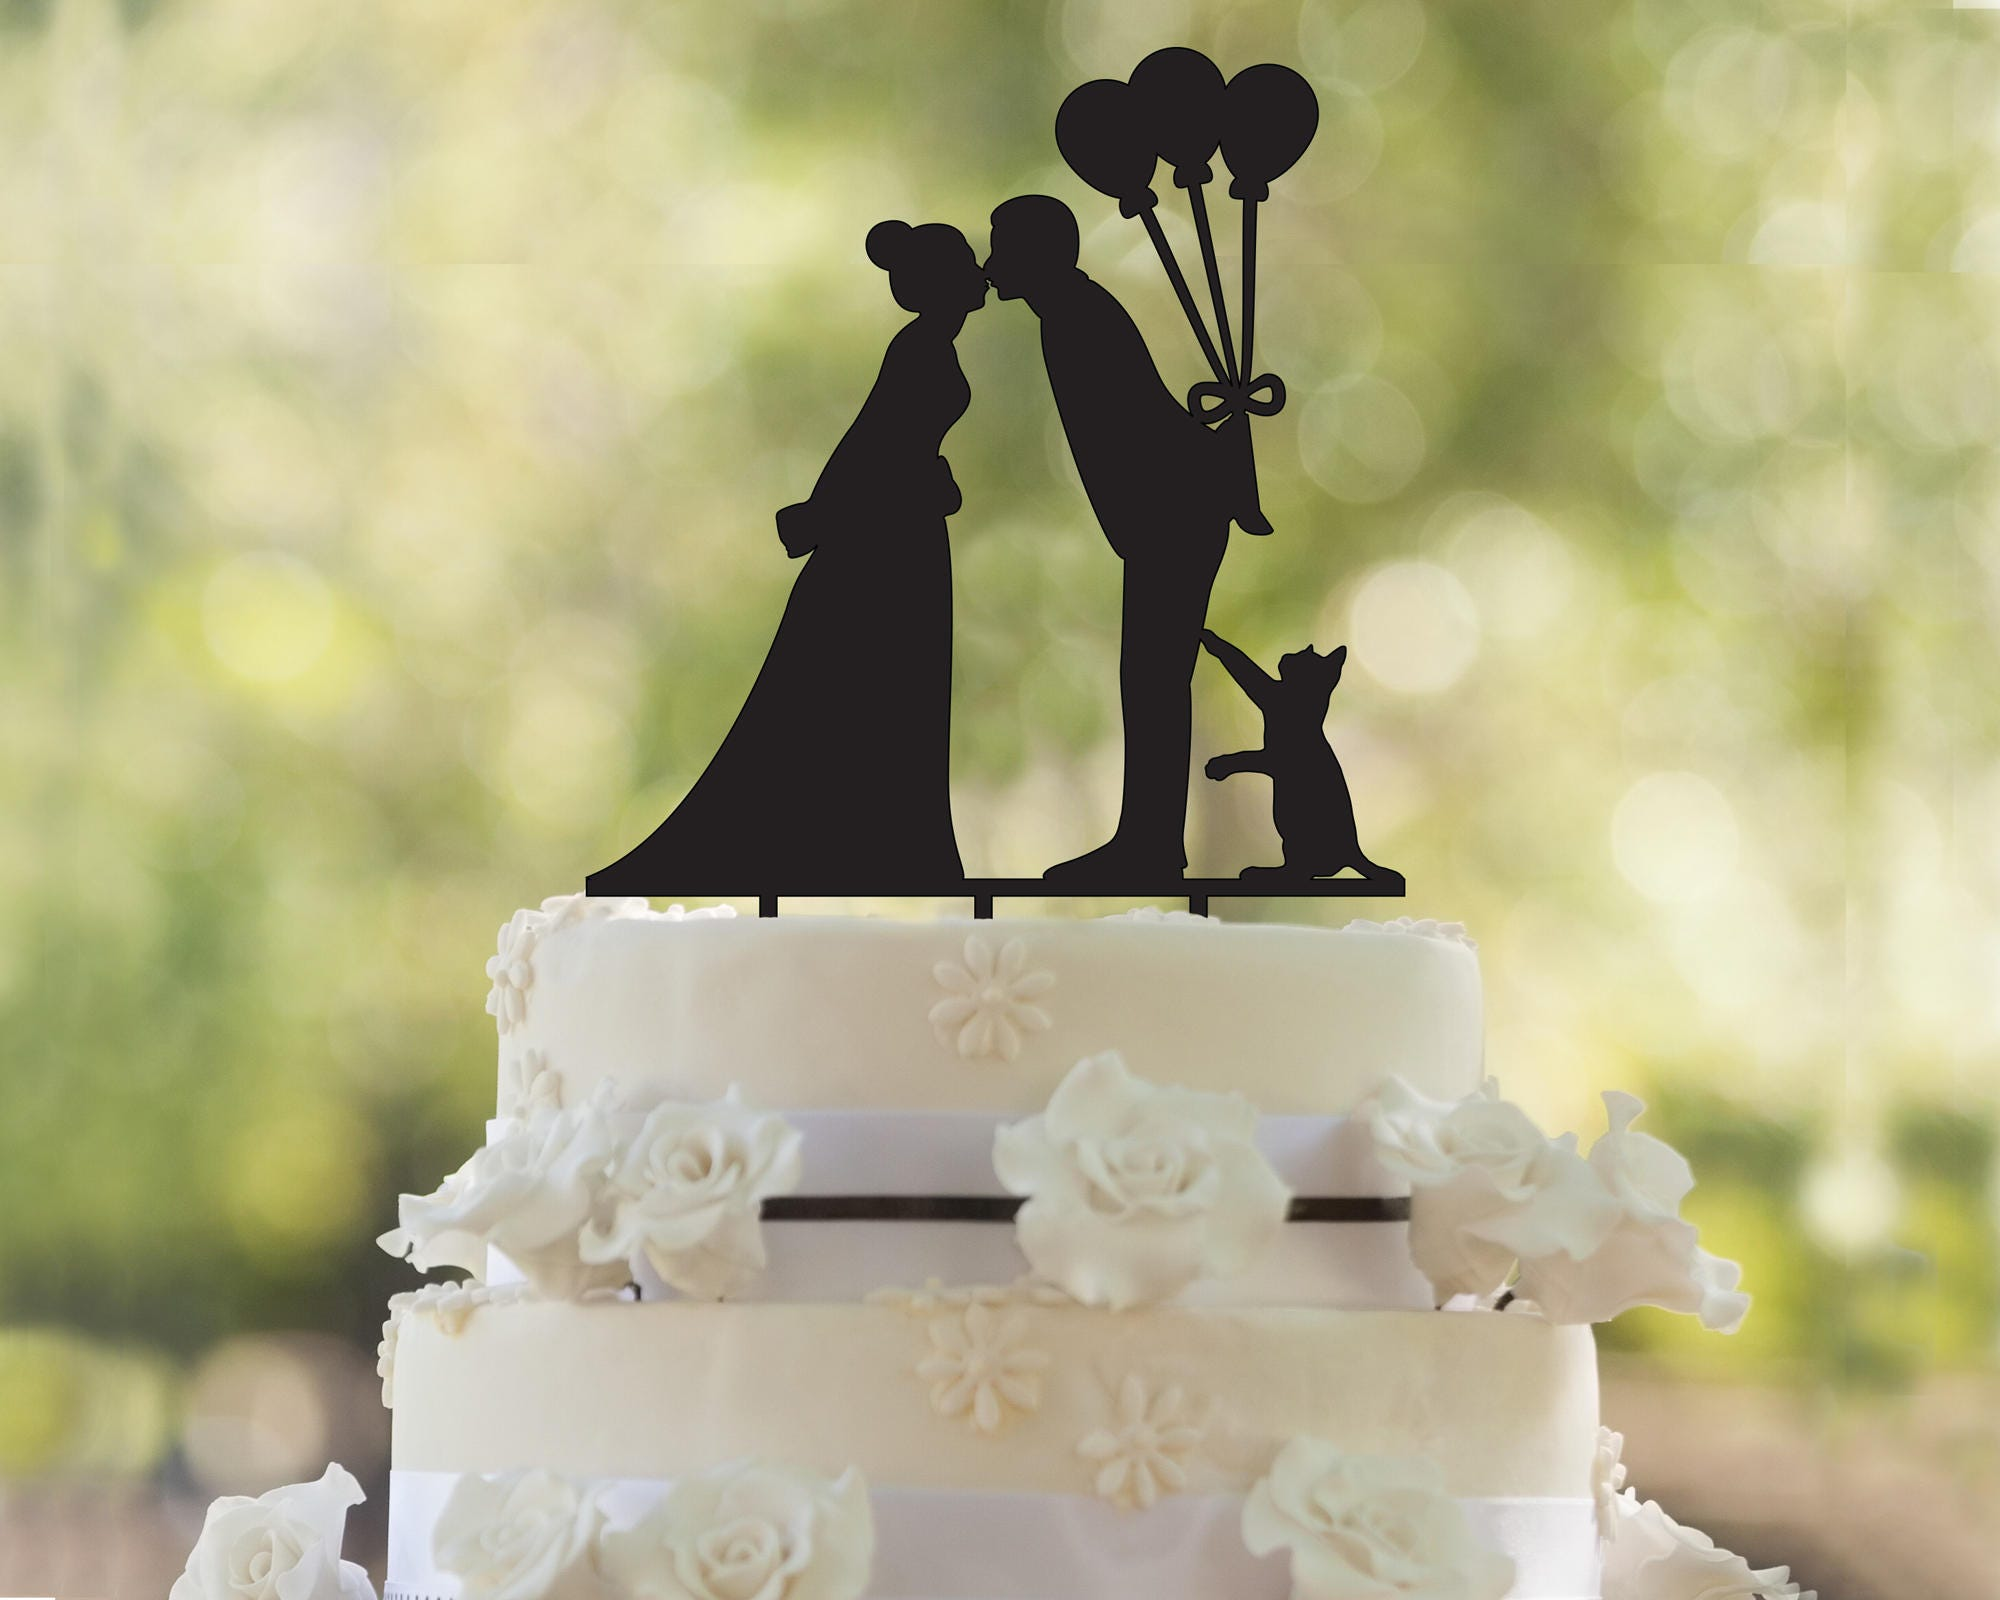 cat cake topper silhouette wedding cake topper gold glitter | Etsy